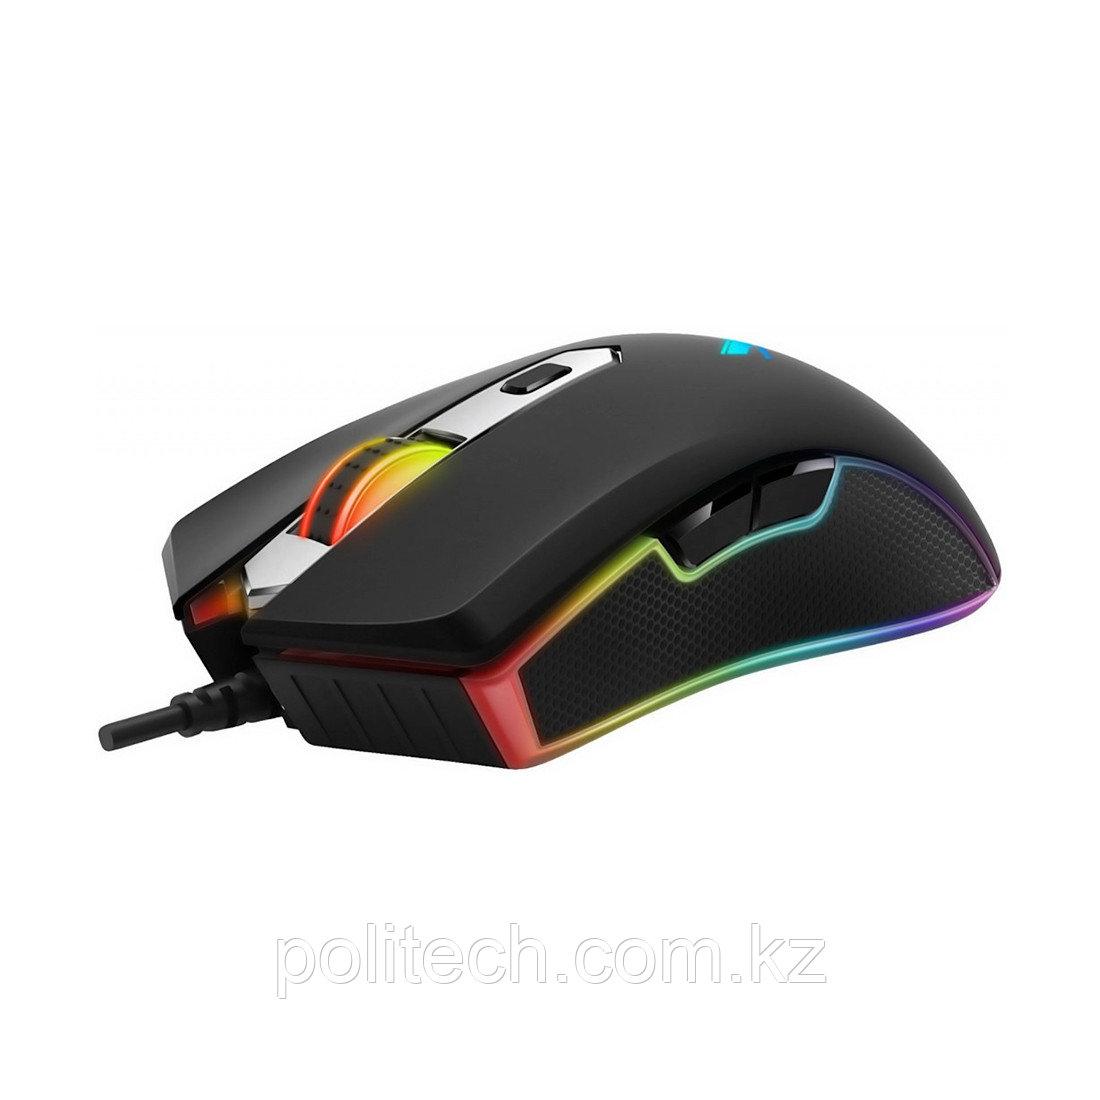 Компьютерная мышь Rapoo V280